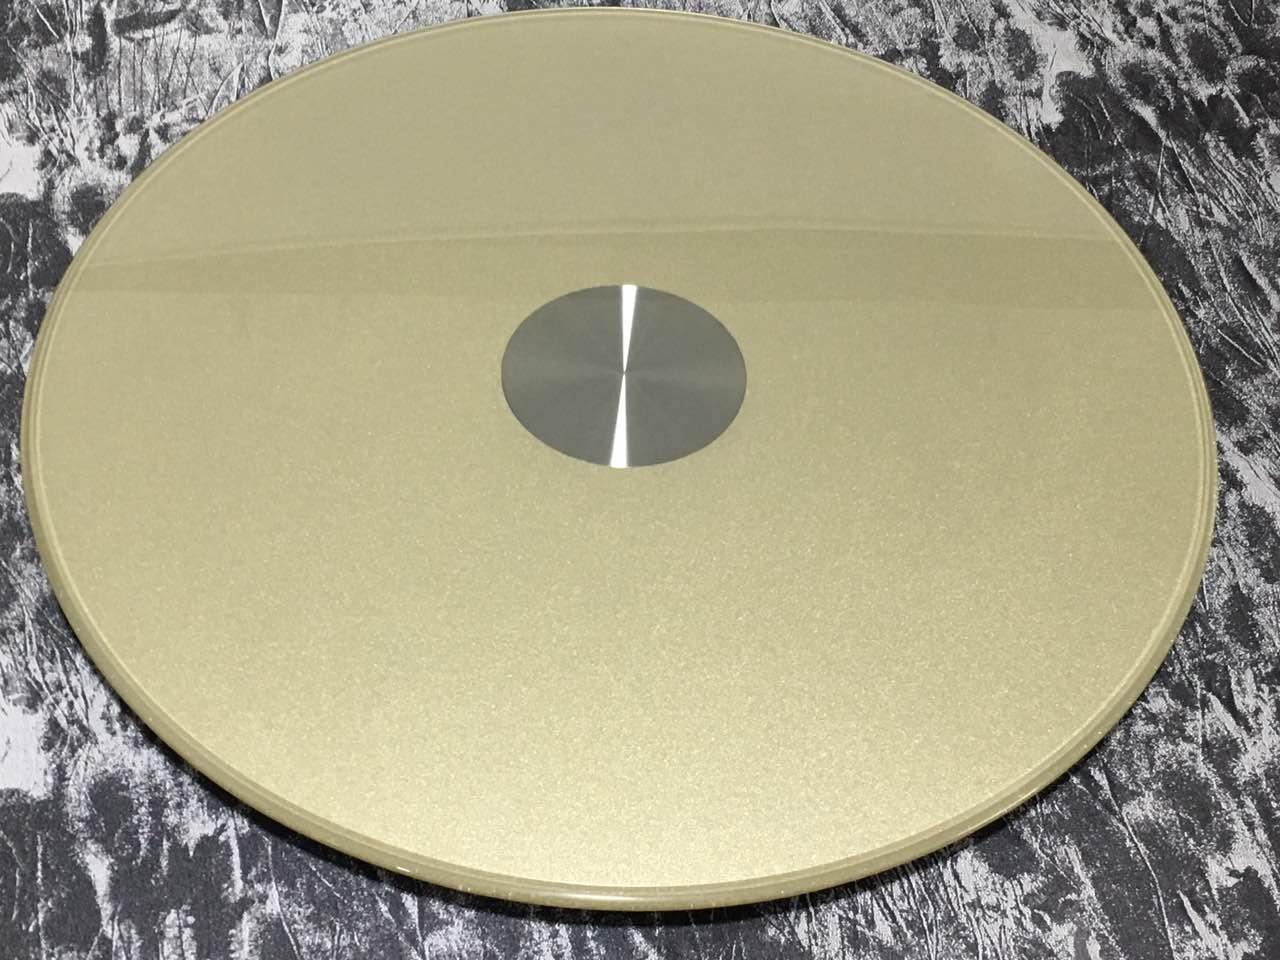 翔美惠玻璃制品公司餐桌玻璃转盘